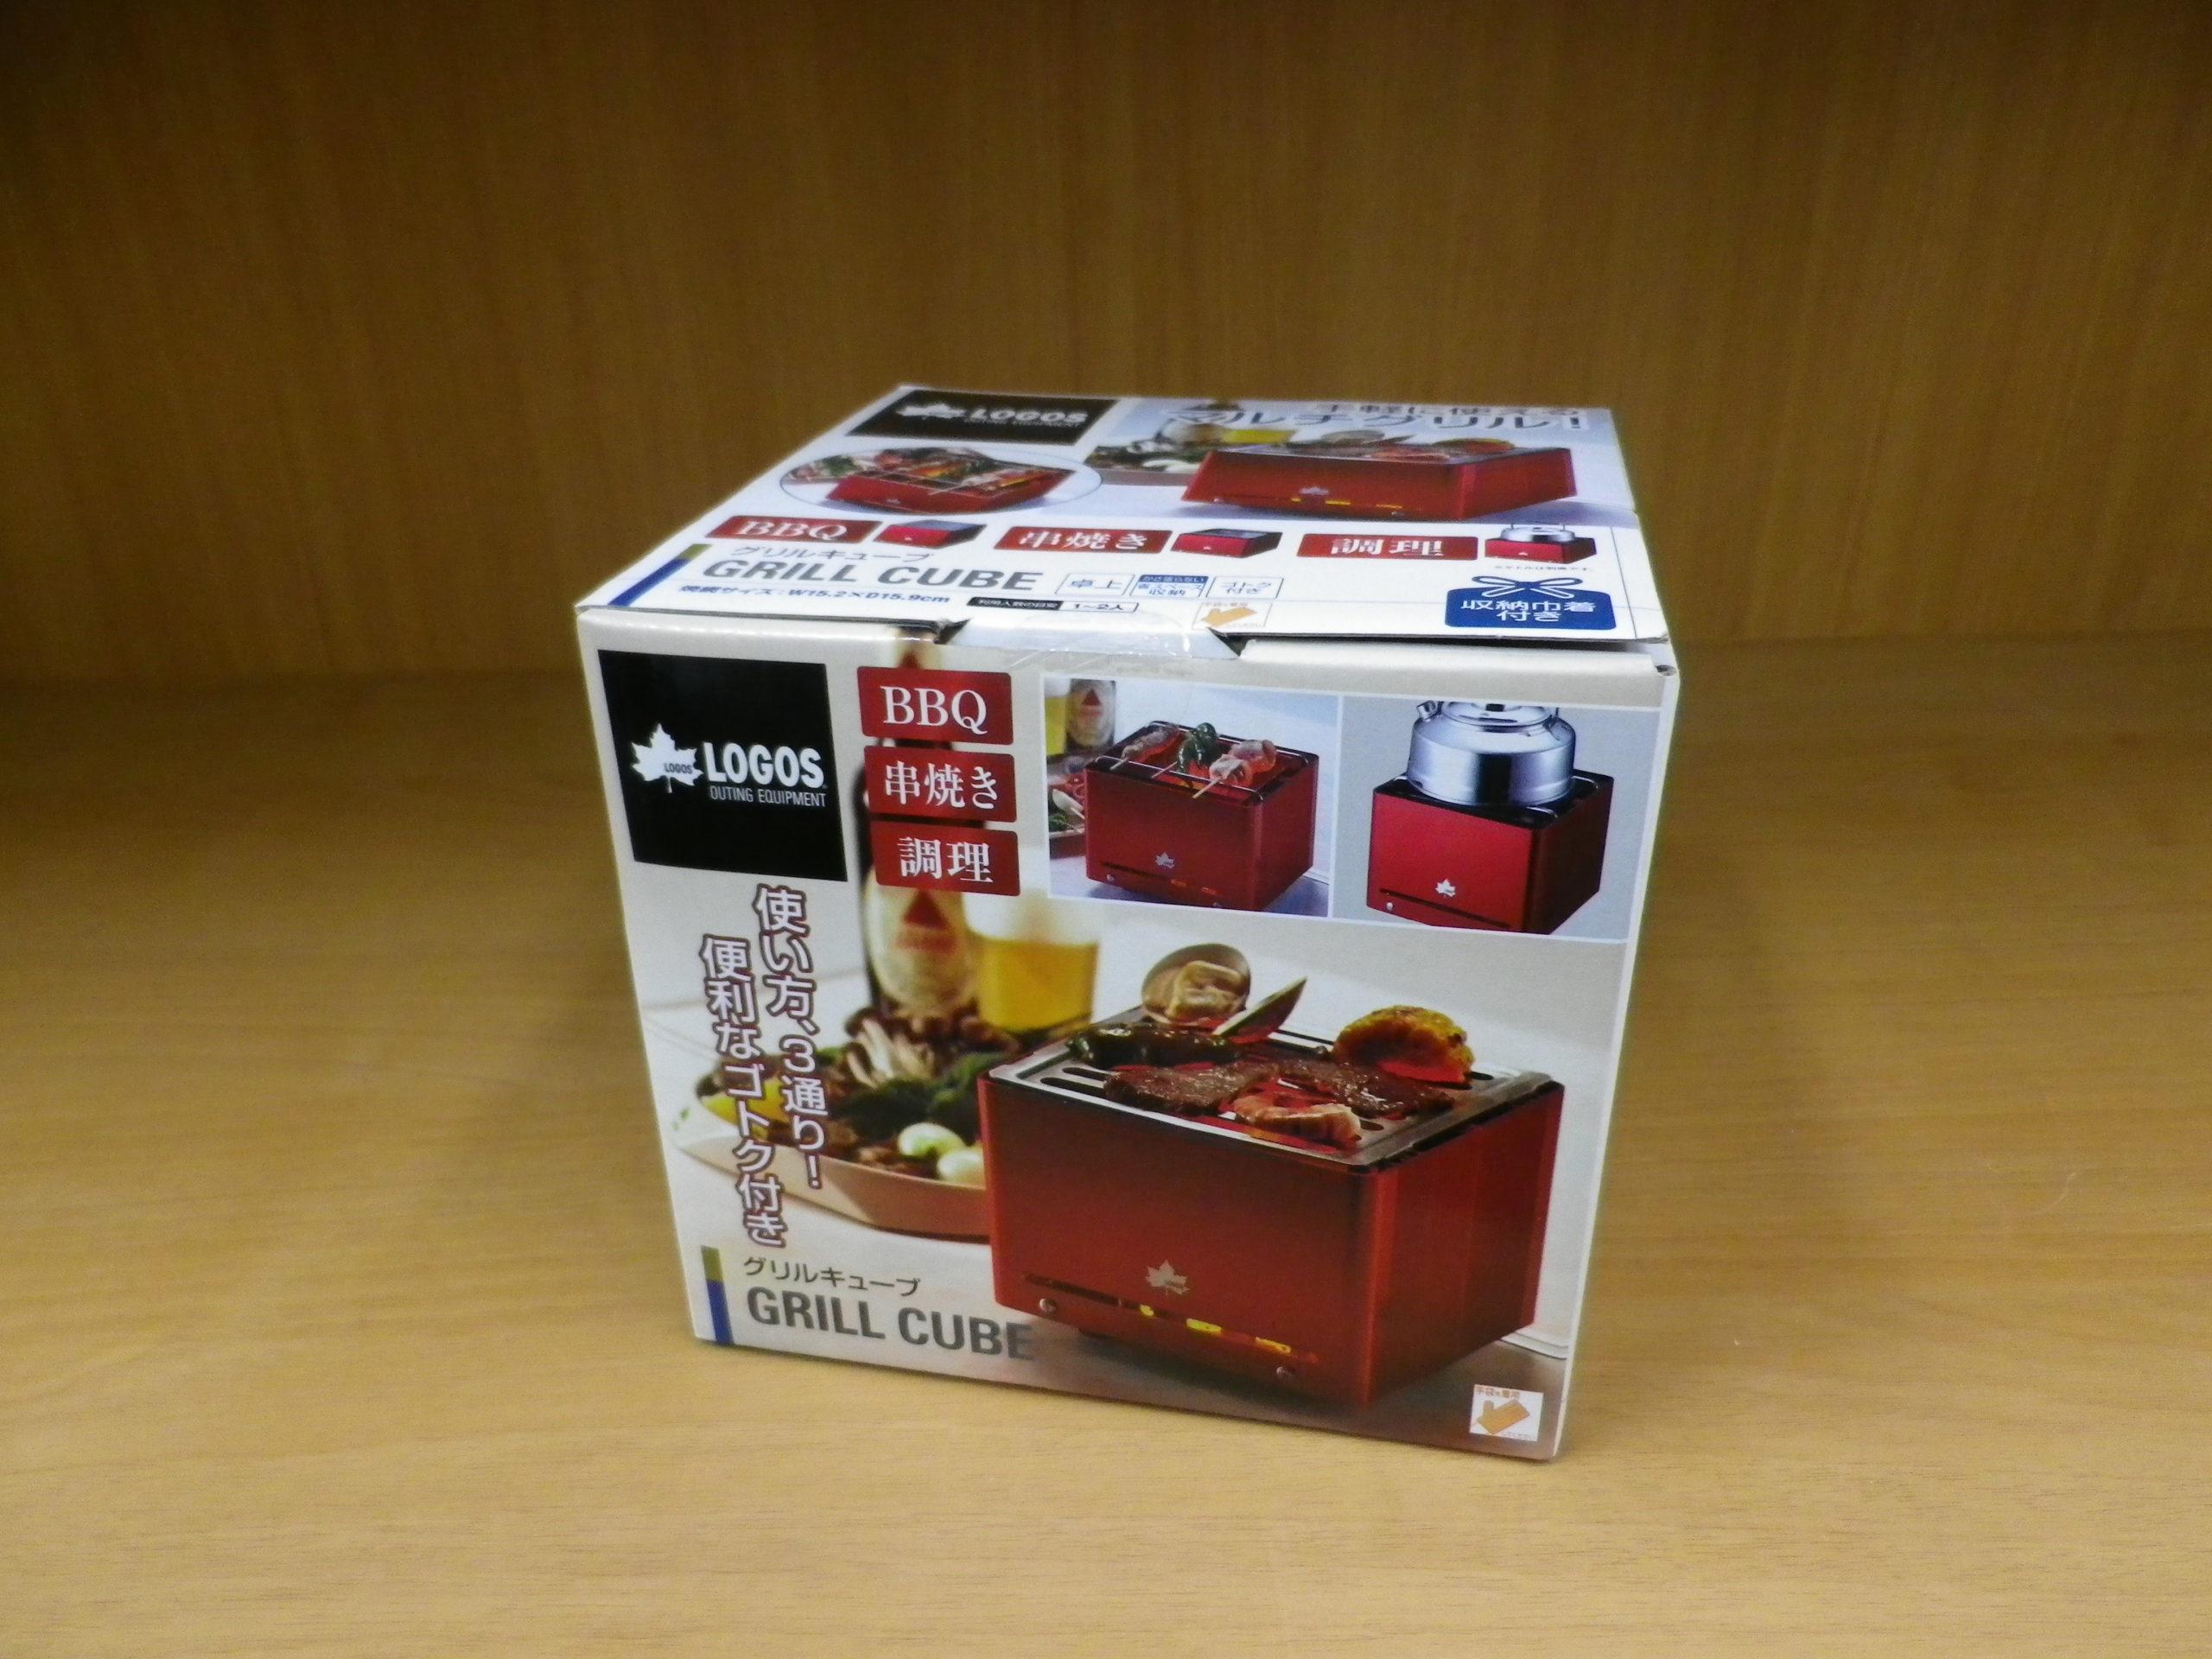 【新品 未使用品 ロゴス LOGOS グリルキューブBBQ 串焼き 調理】を買取させて頂きました!の買取-